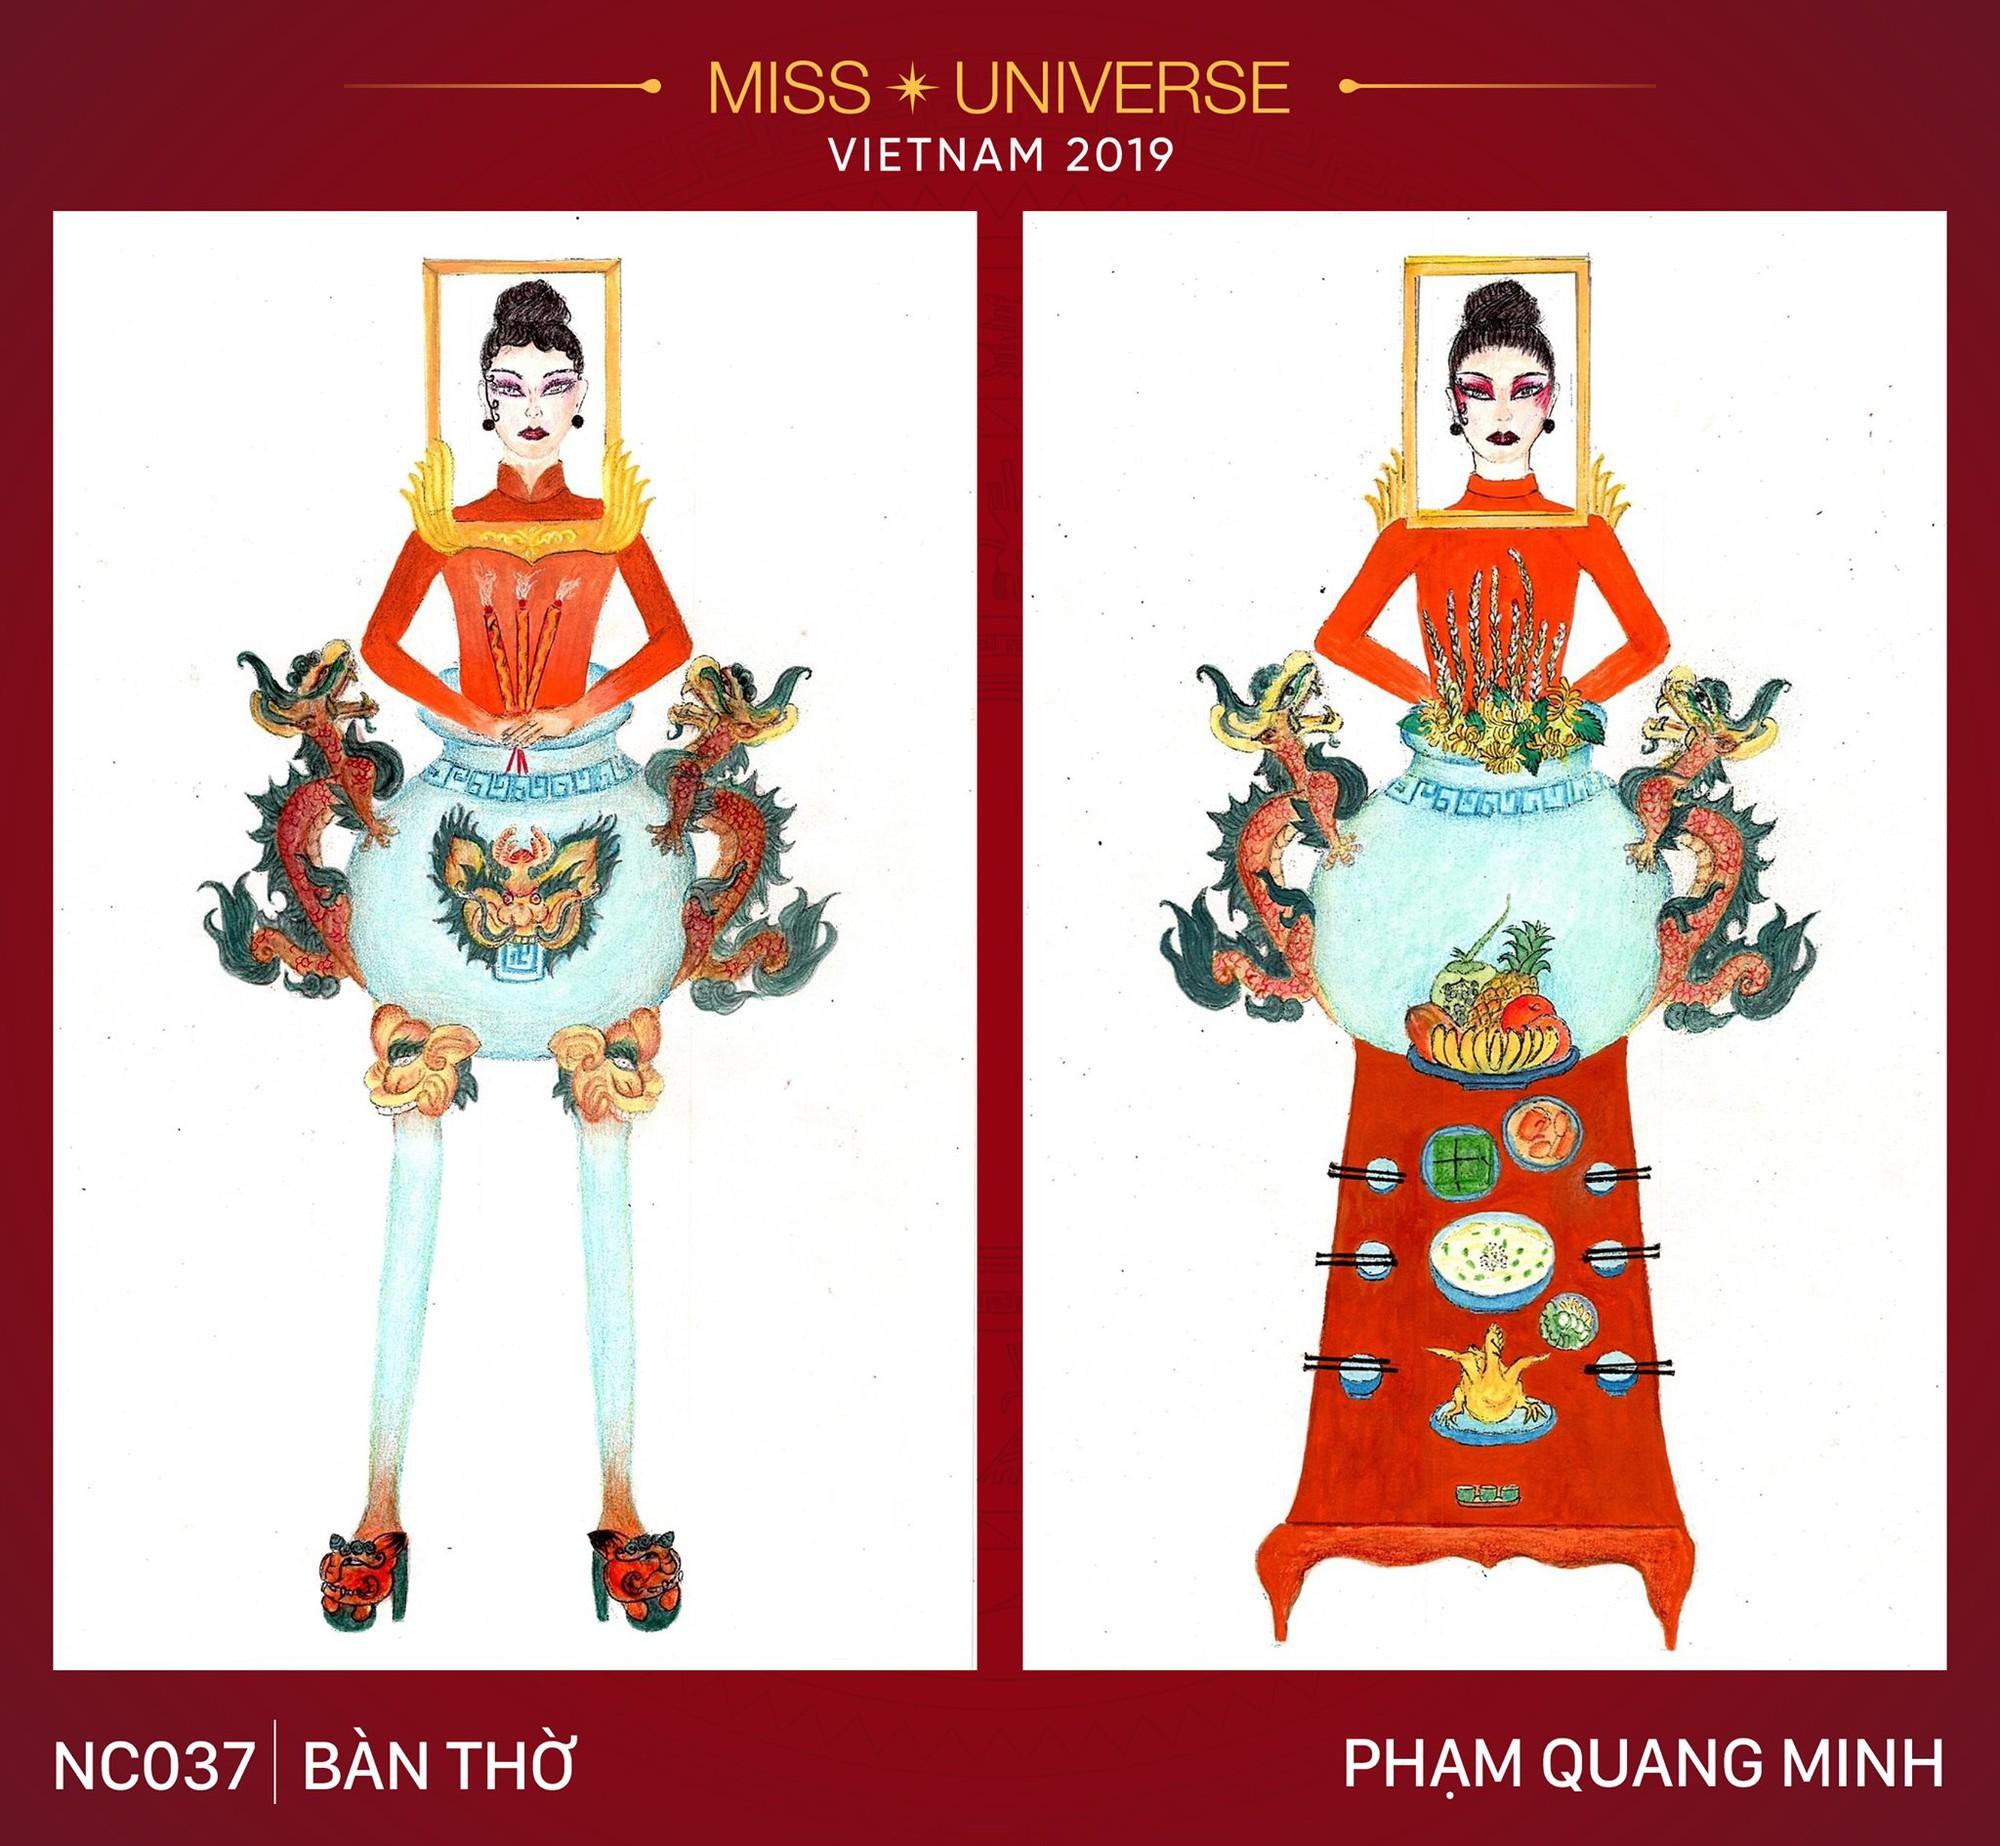 Thiết kế Bàn thờ thi phần trang phục để Hoàng Thuỳ dự Miss Universe 2019 đang khiến dân tình cạn hết lời! - Ảnh 1.